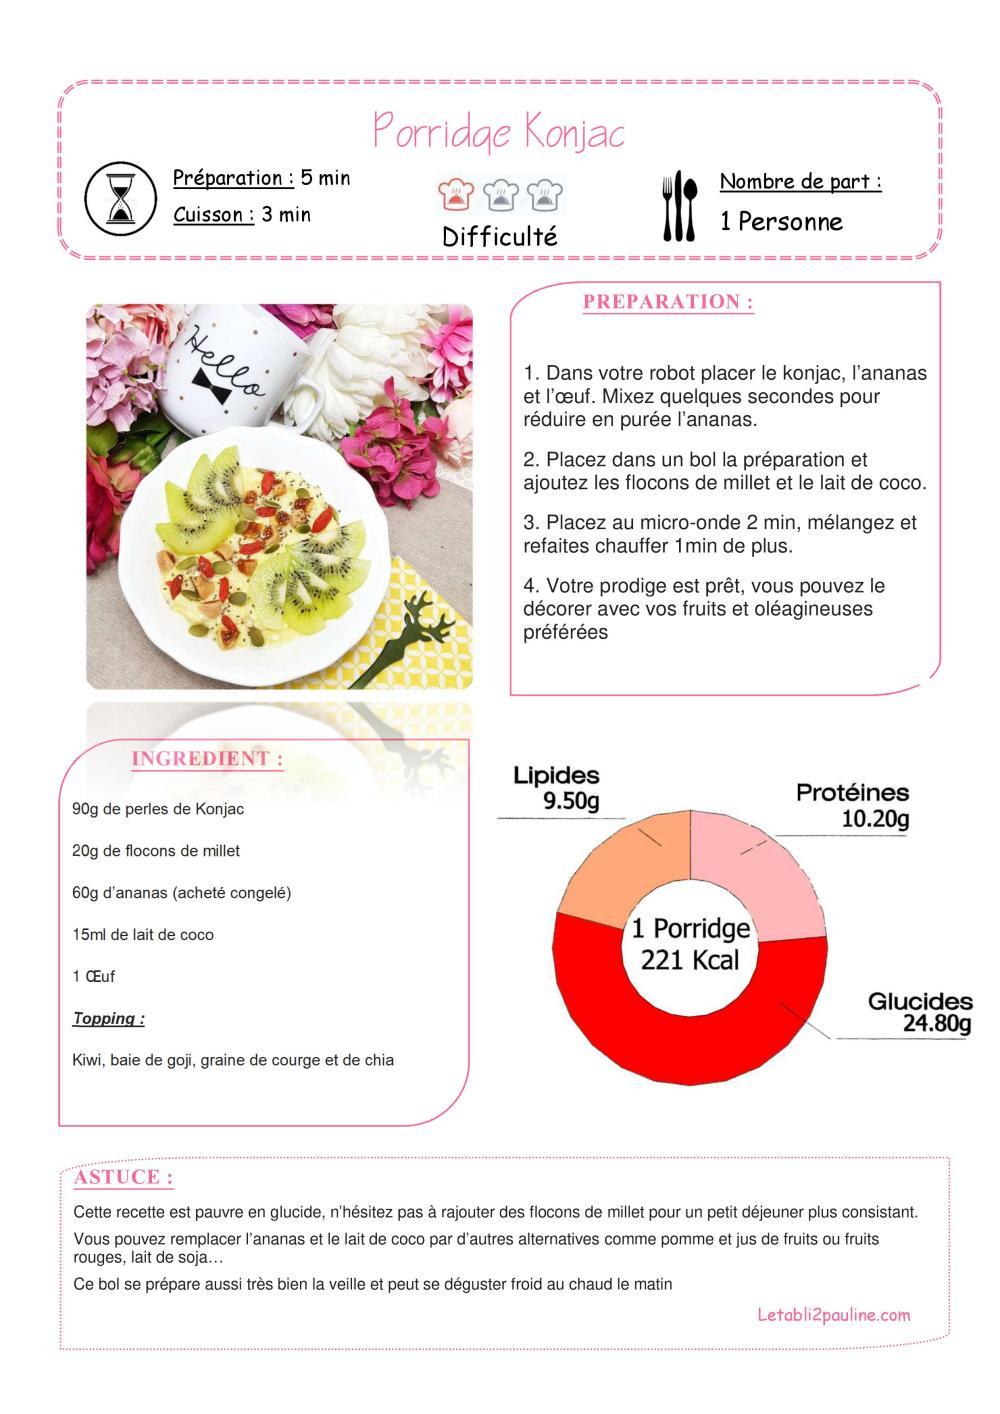 Porridge Konjac.jpg